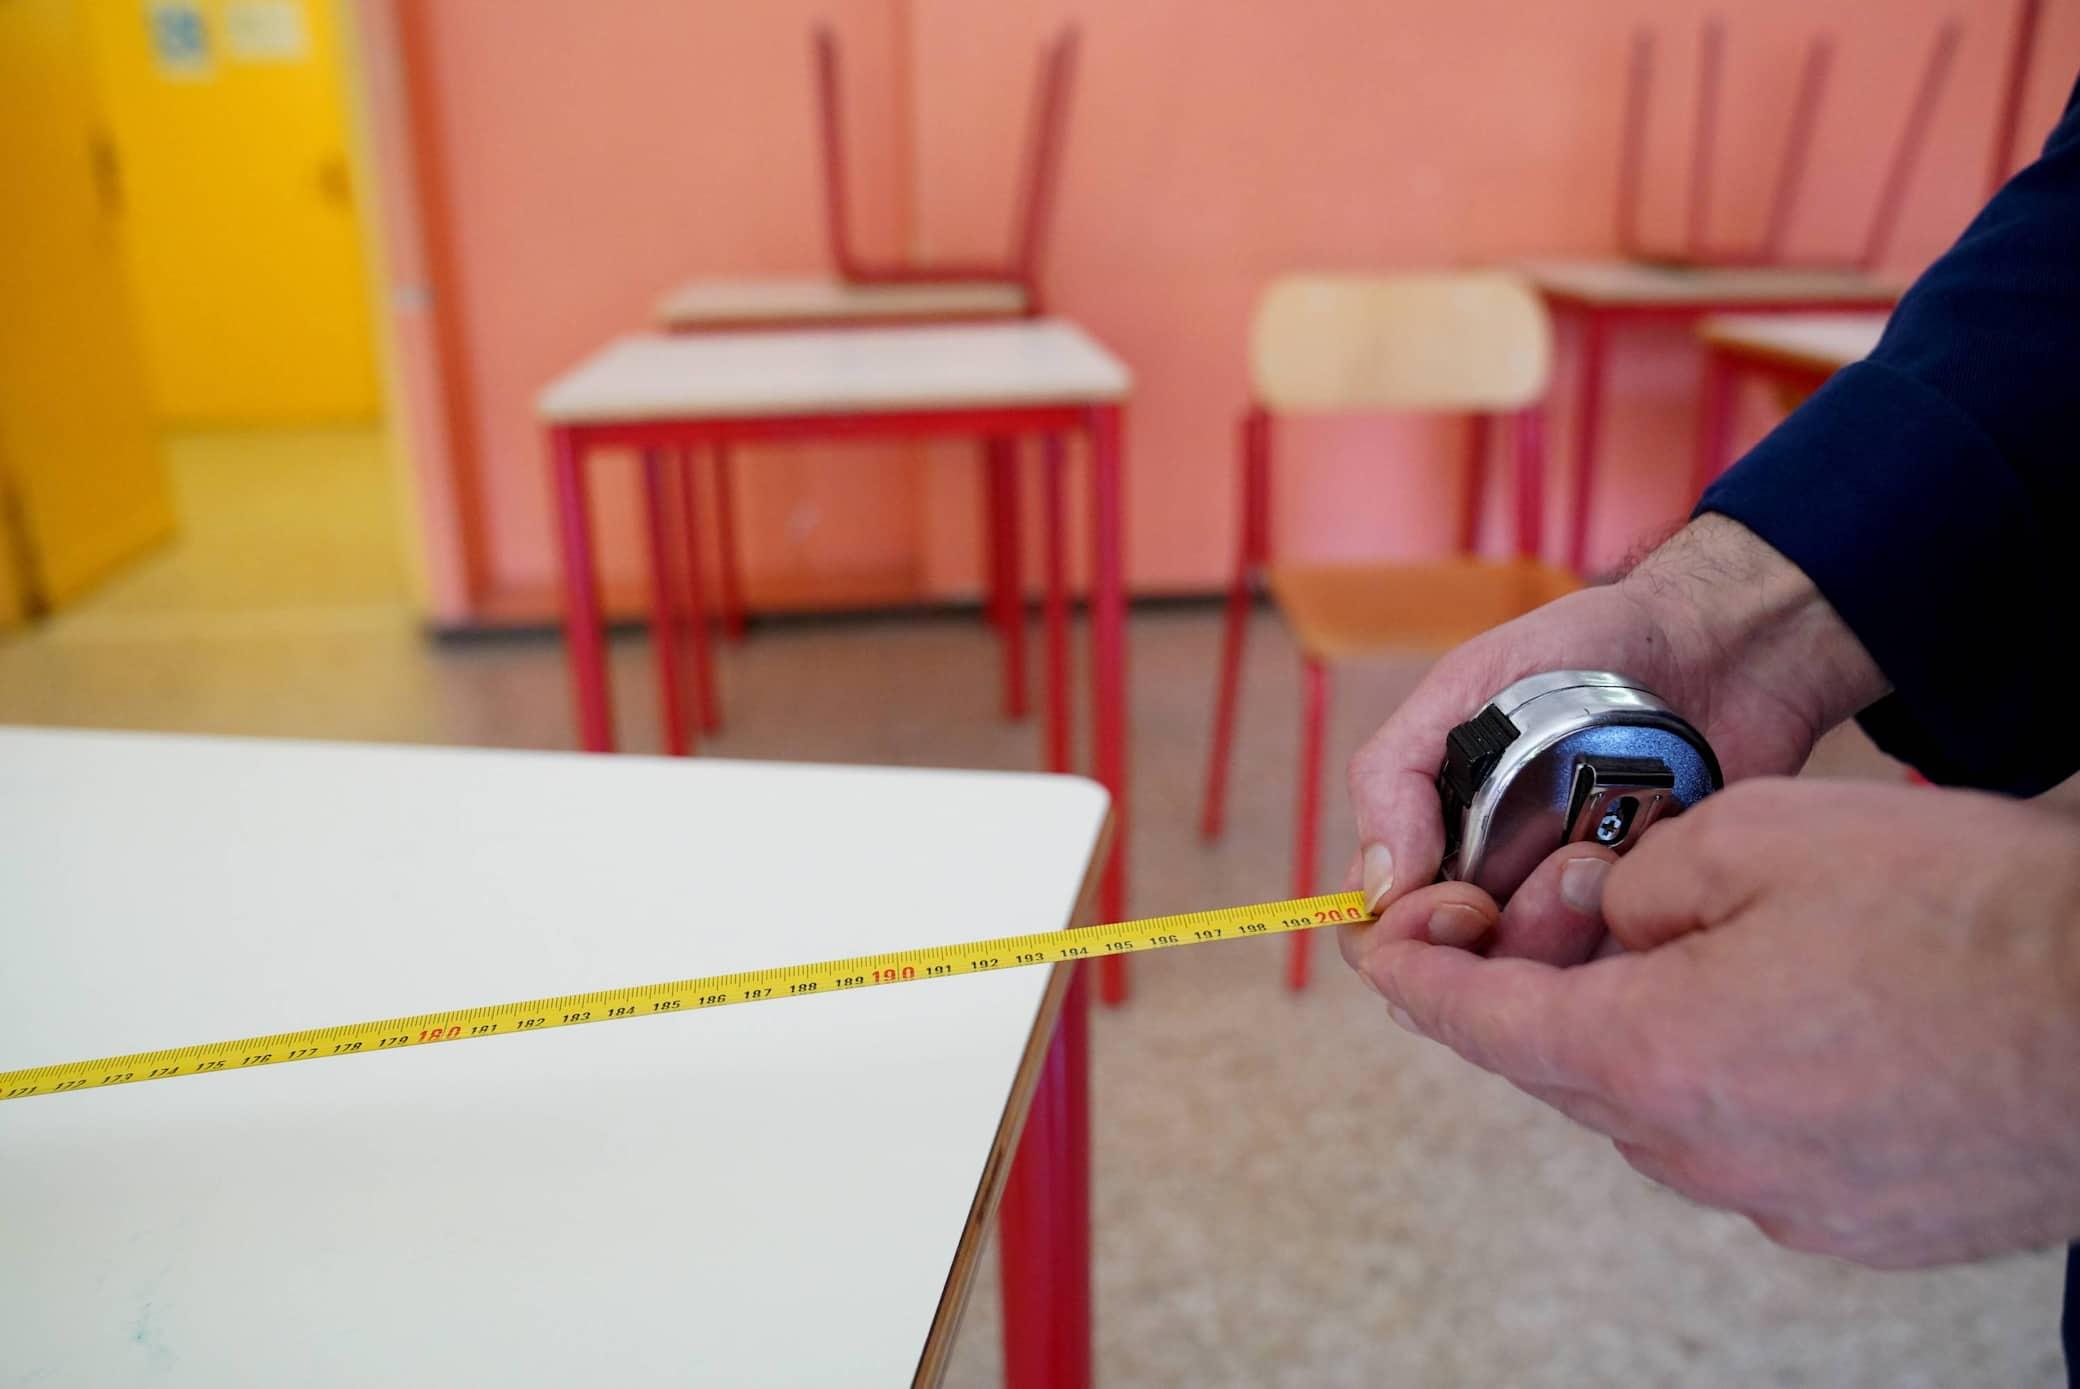 Scuola, 8 genitori su 10 favorevoli al ritorno in classe. Per il 60,8% la Dad è positiva